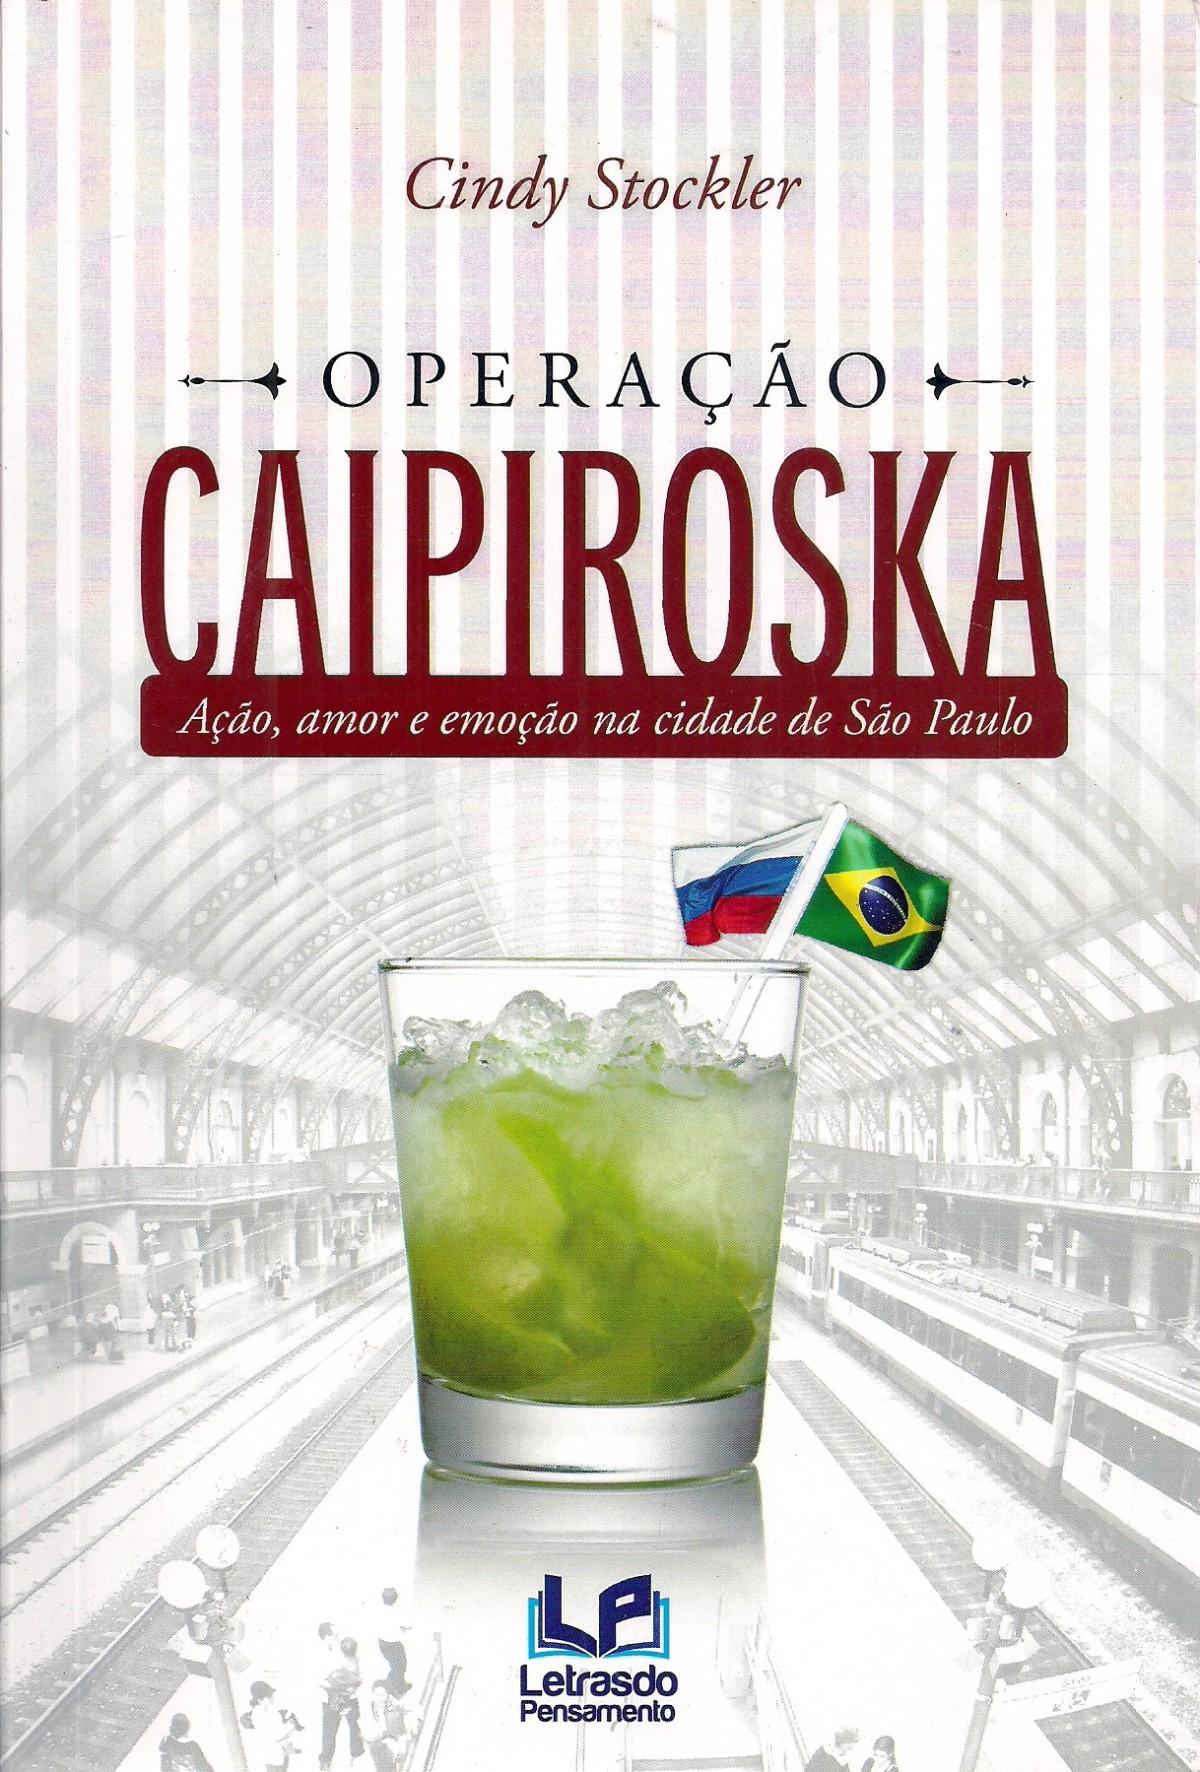 Foto 1 - Operação Caipiroska: ação, amor e emoção na cidade São Paulo